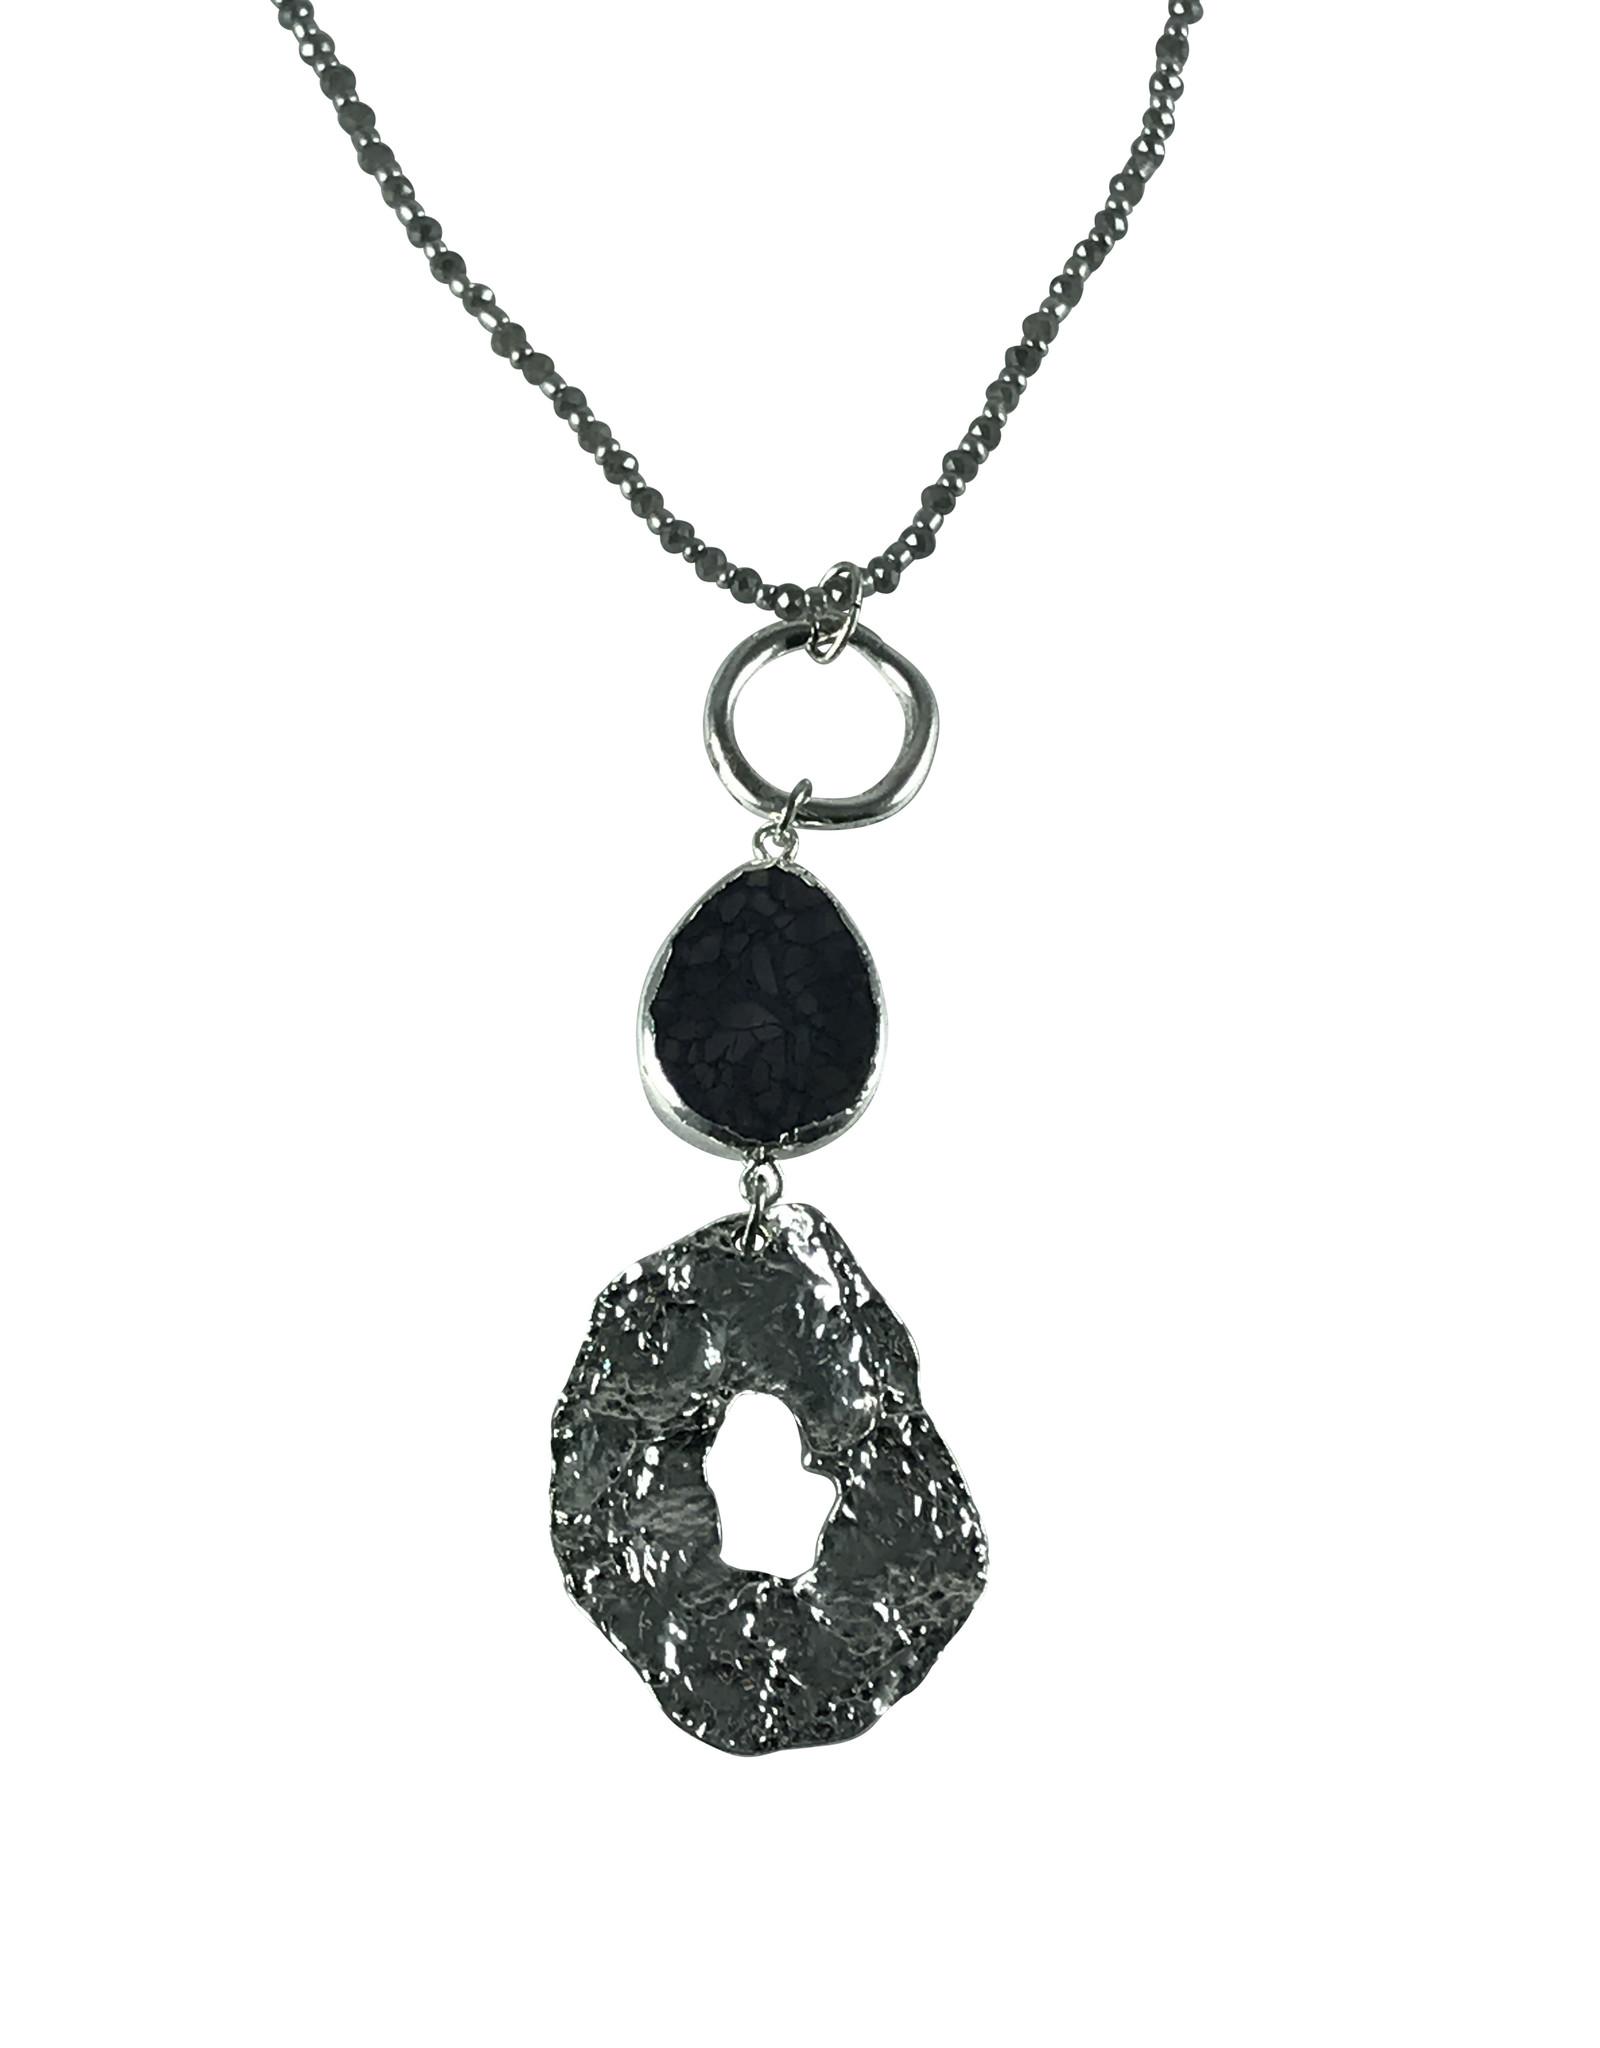 Axxes-Soir lange ketting zilverkleurig - zwarte hanger